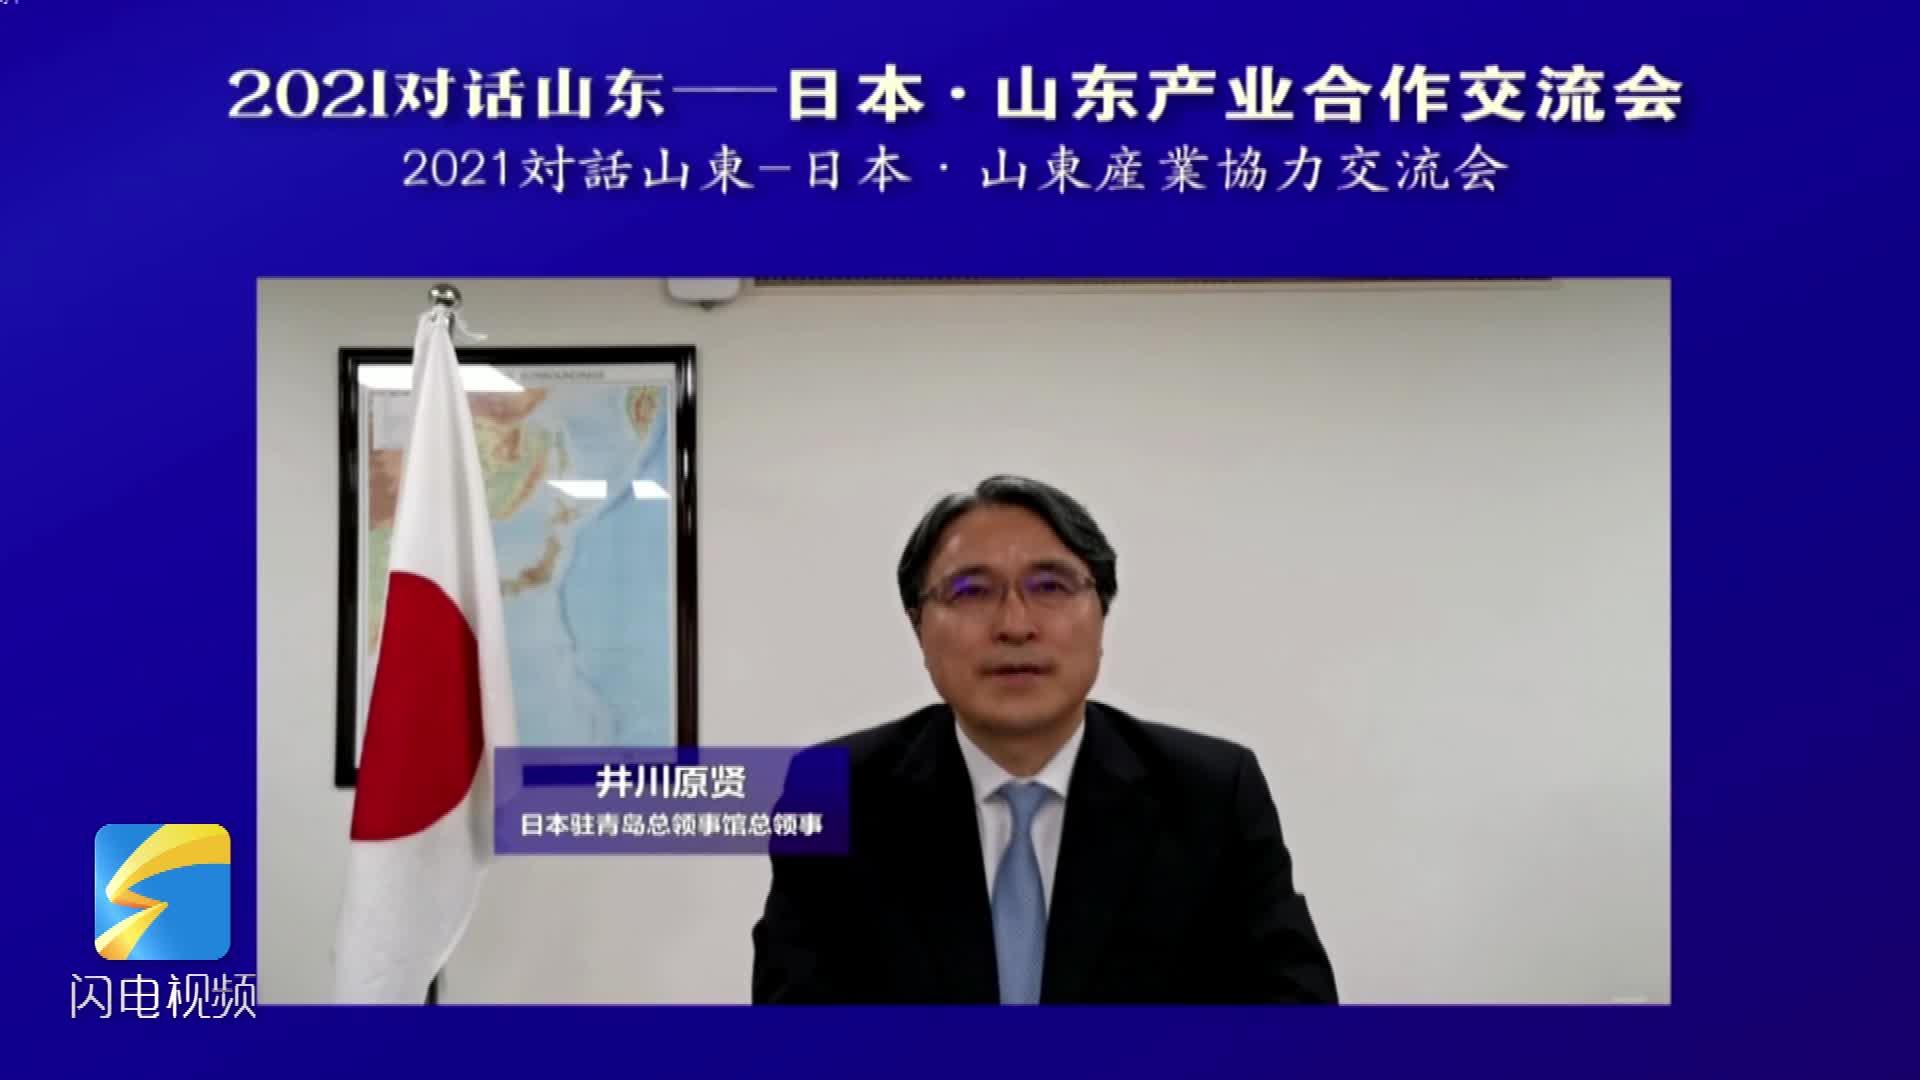 2021对话山东|日本驻青岛总领事馆总领事井川原贤:相信日本与山东能在更多领域开展积极合作